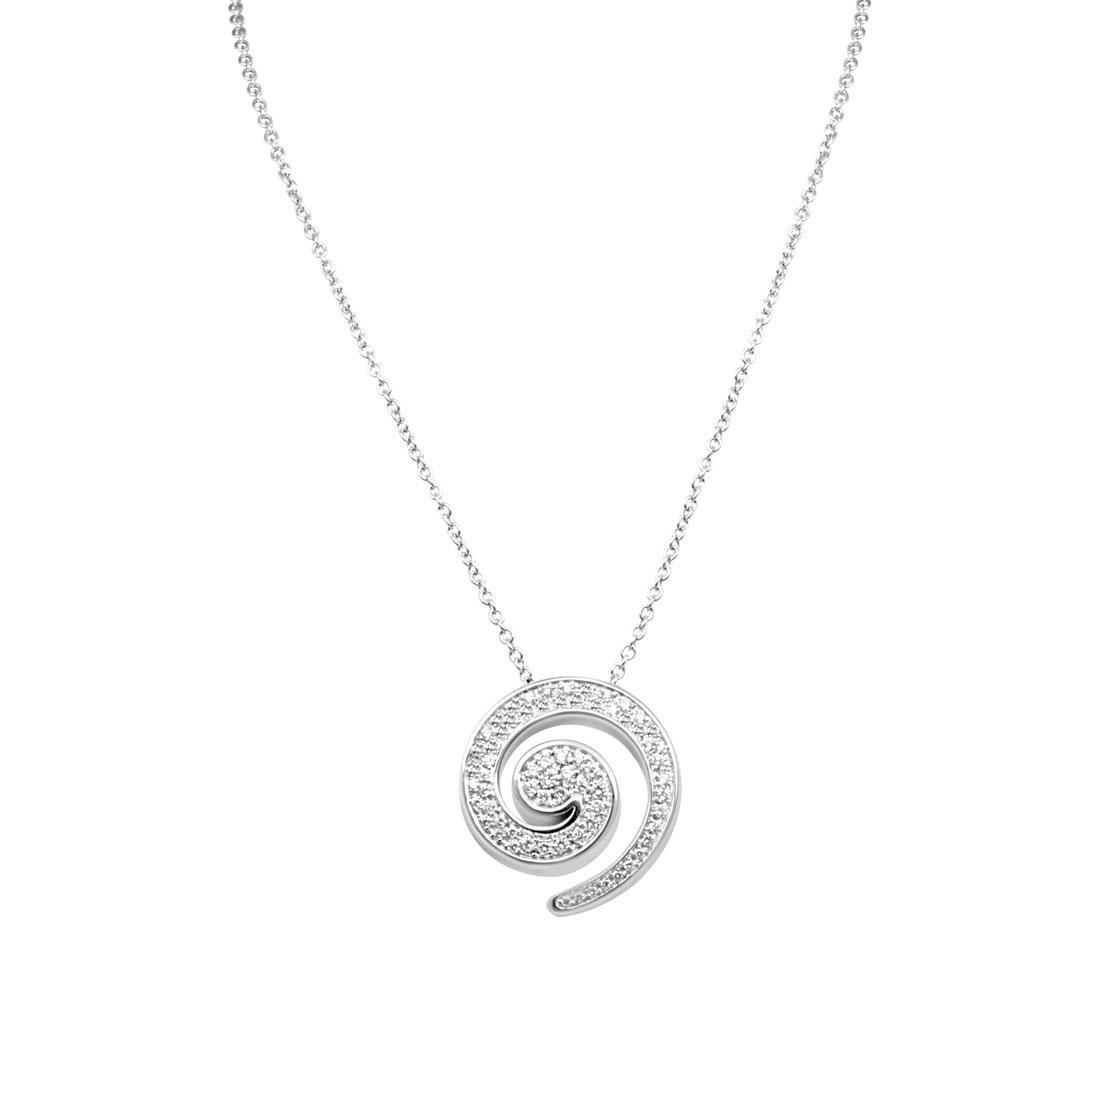 Collana in oro bianco, pendente con diamanti - SALVINI